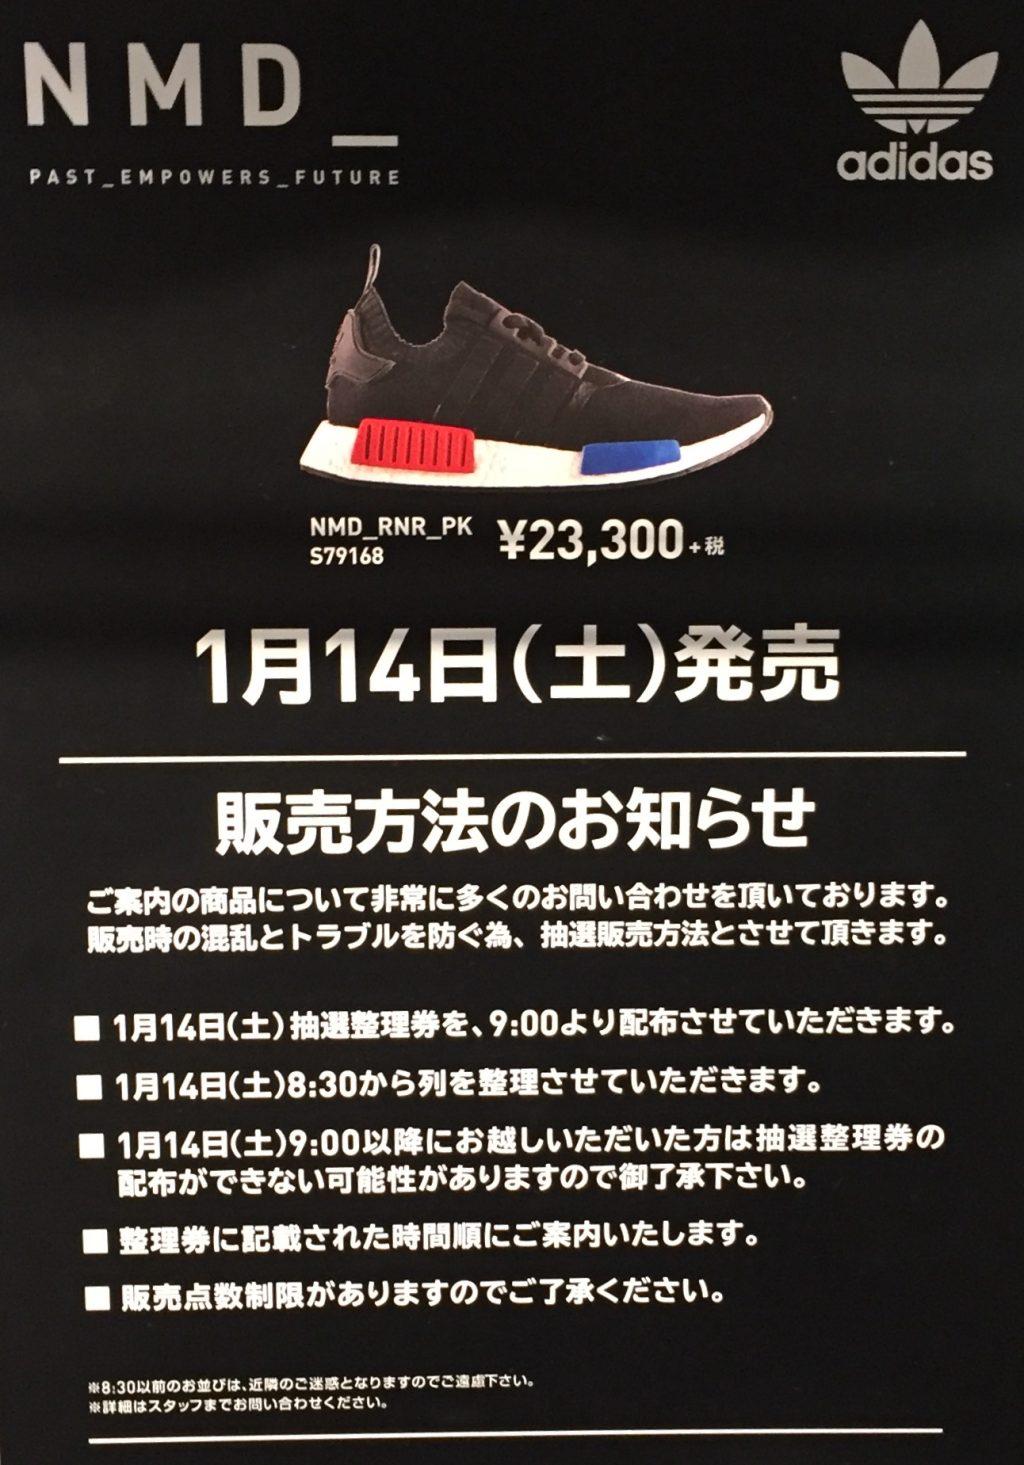 adidas-originals-nmd-r1-pk-og-s79168-restock-20170114-shinjuku